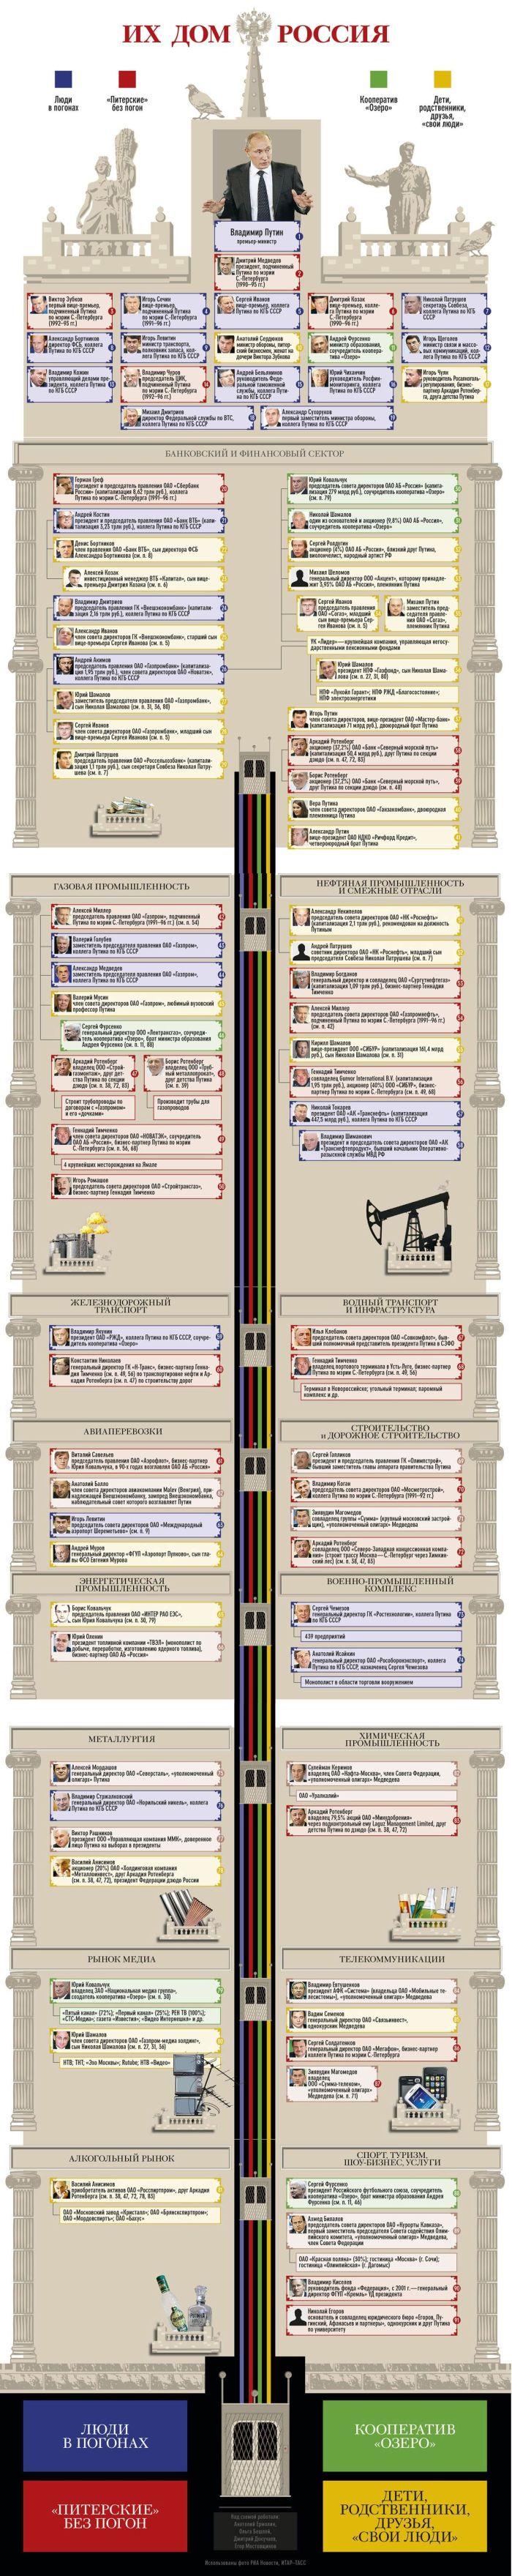 Их дом - Россия (инфографик)